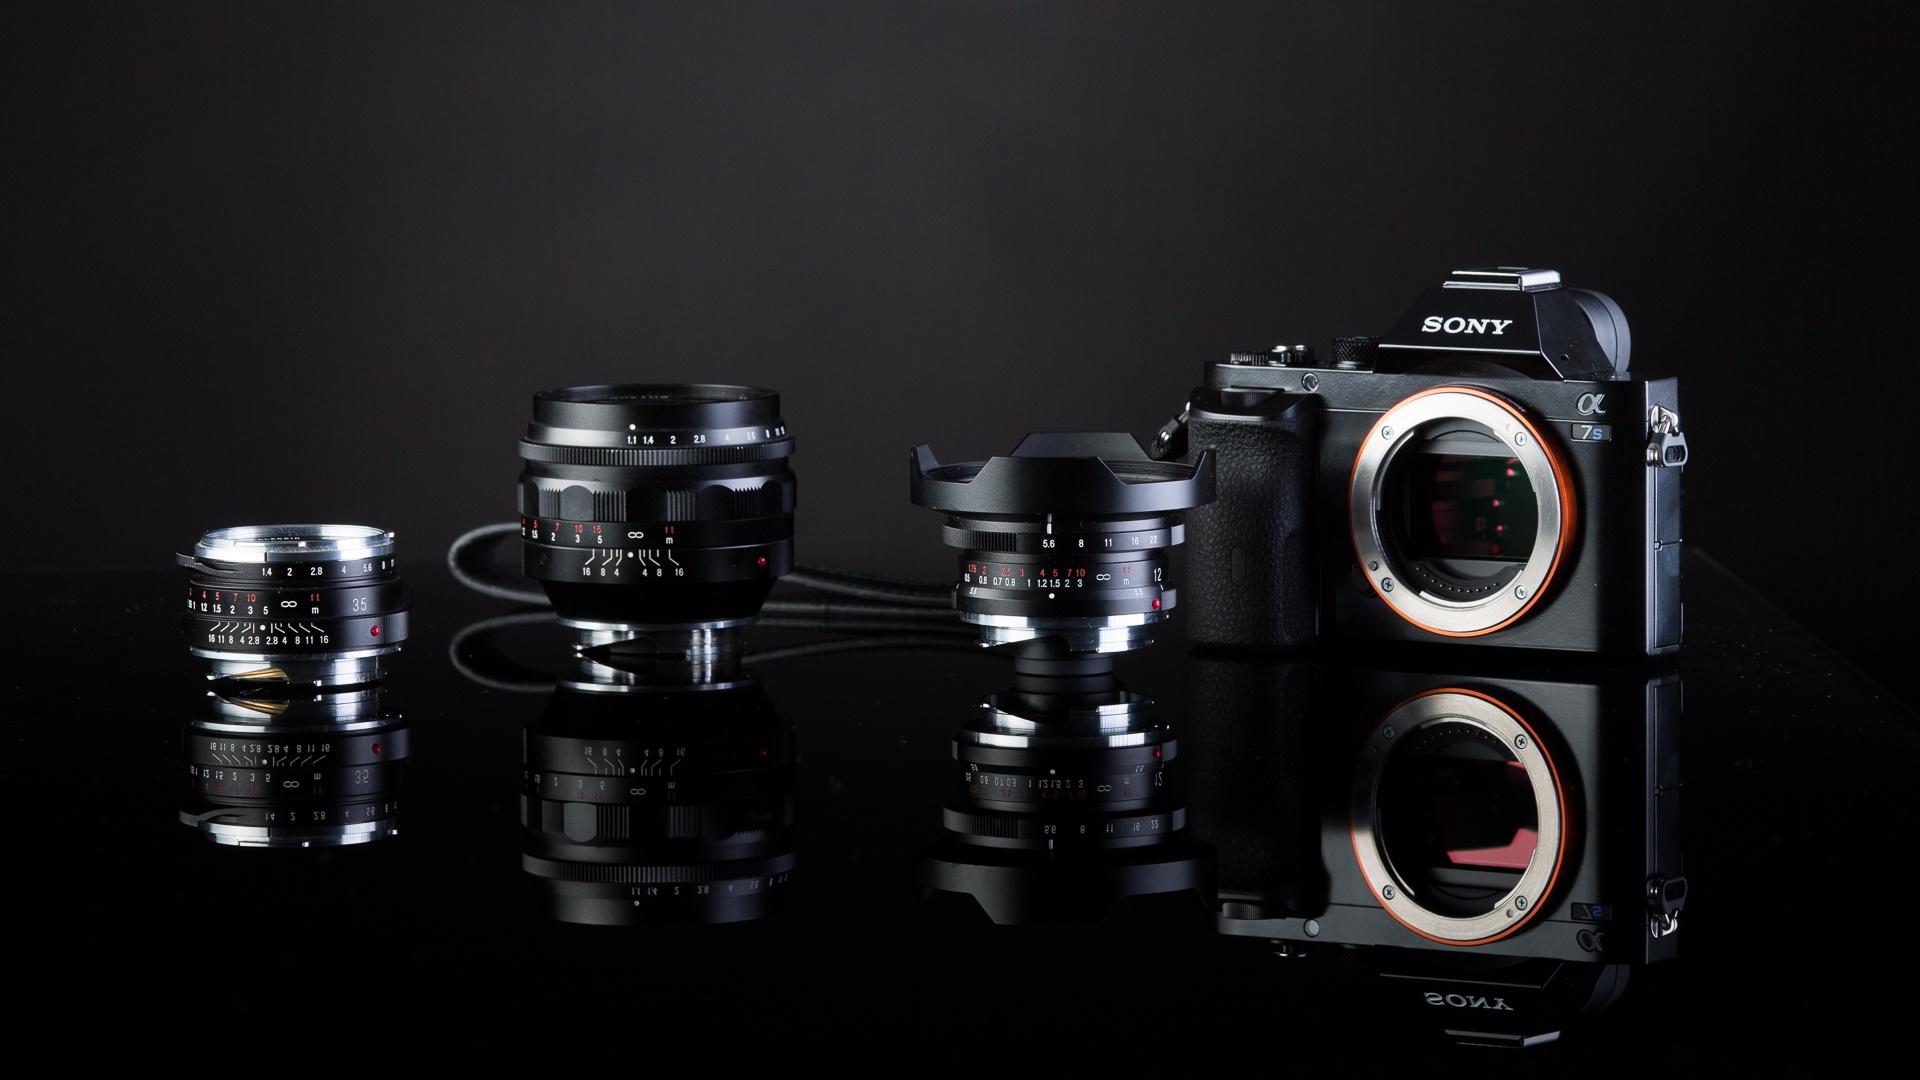 Fonds d 39 cran sony a7s appareil photo num rique objectif for Ecran photo sony